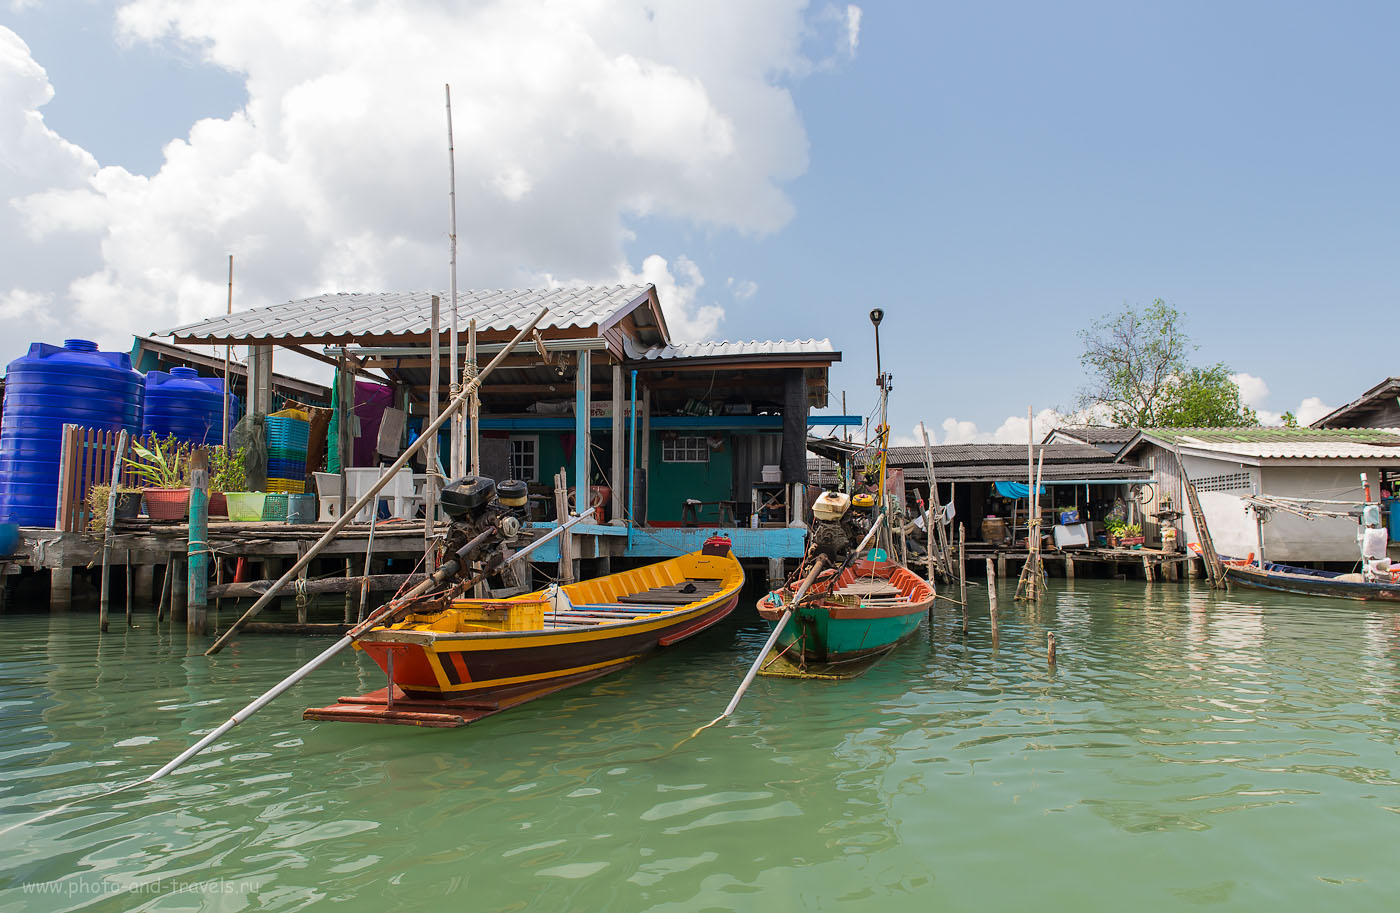 Фото 19. Отдых в Таиланде самостоятельно. Рассказы туристов. У причала (320, 24, 8.0, 1/160)